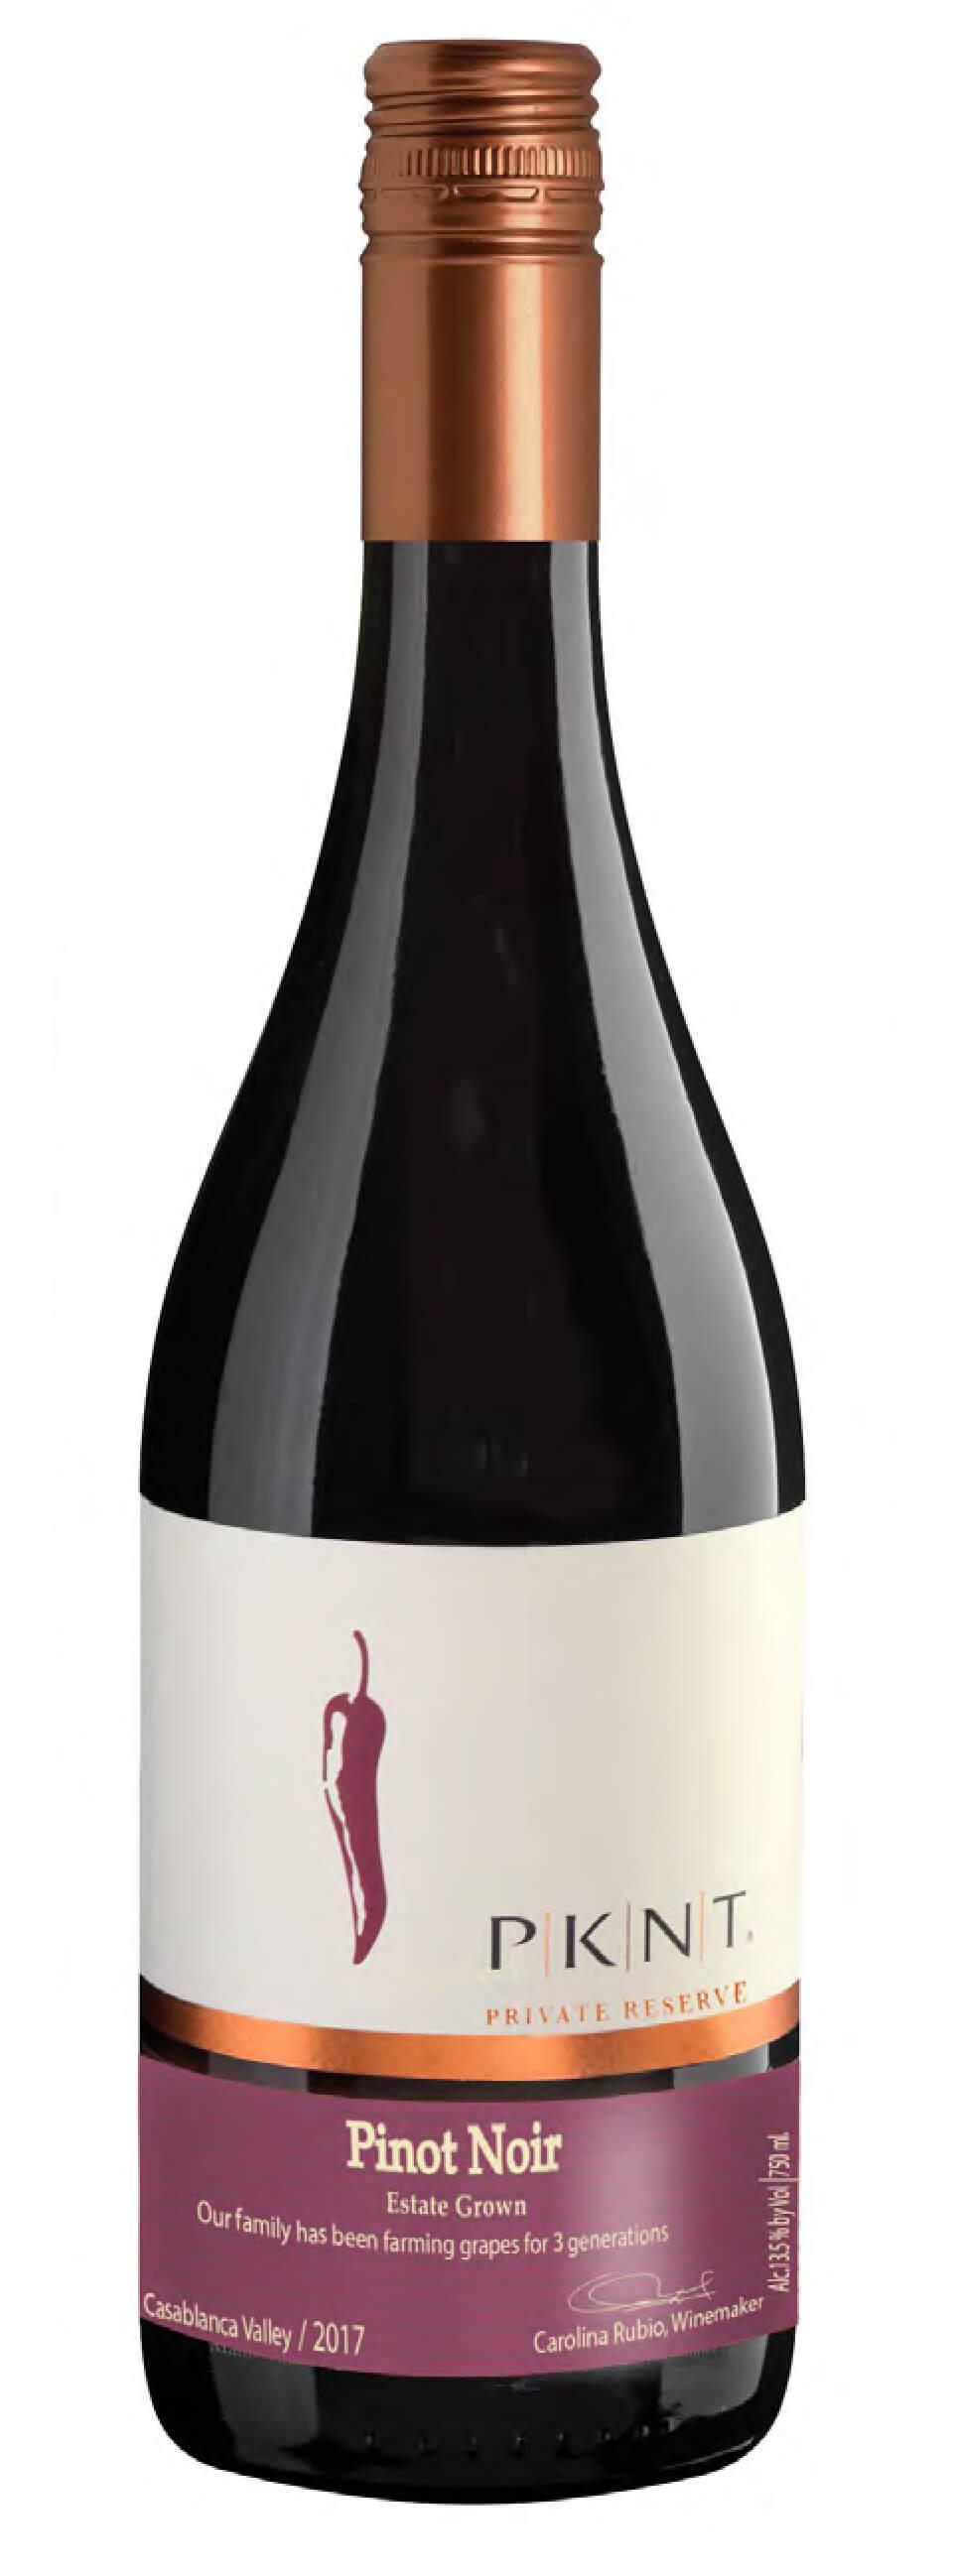 PKNT Pinot Noir Reserve Bottleshot